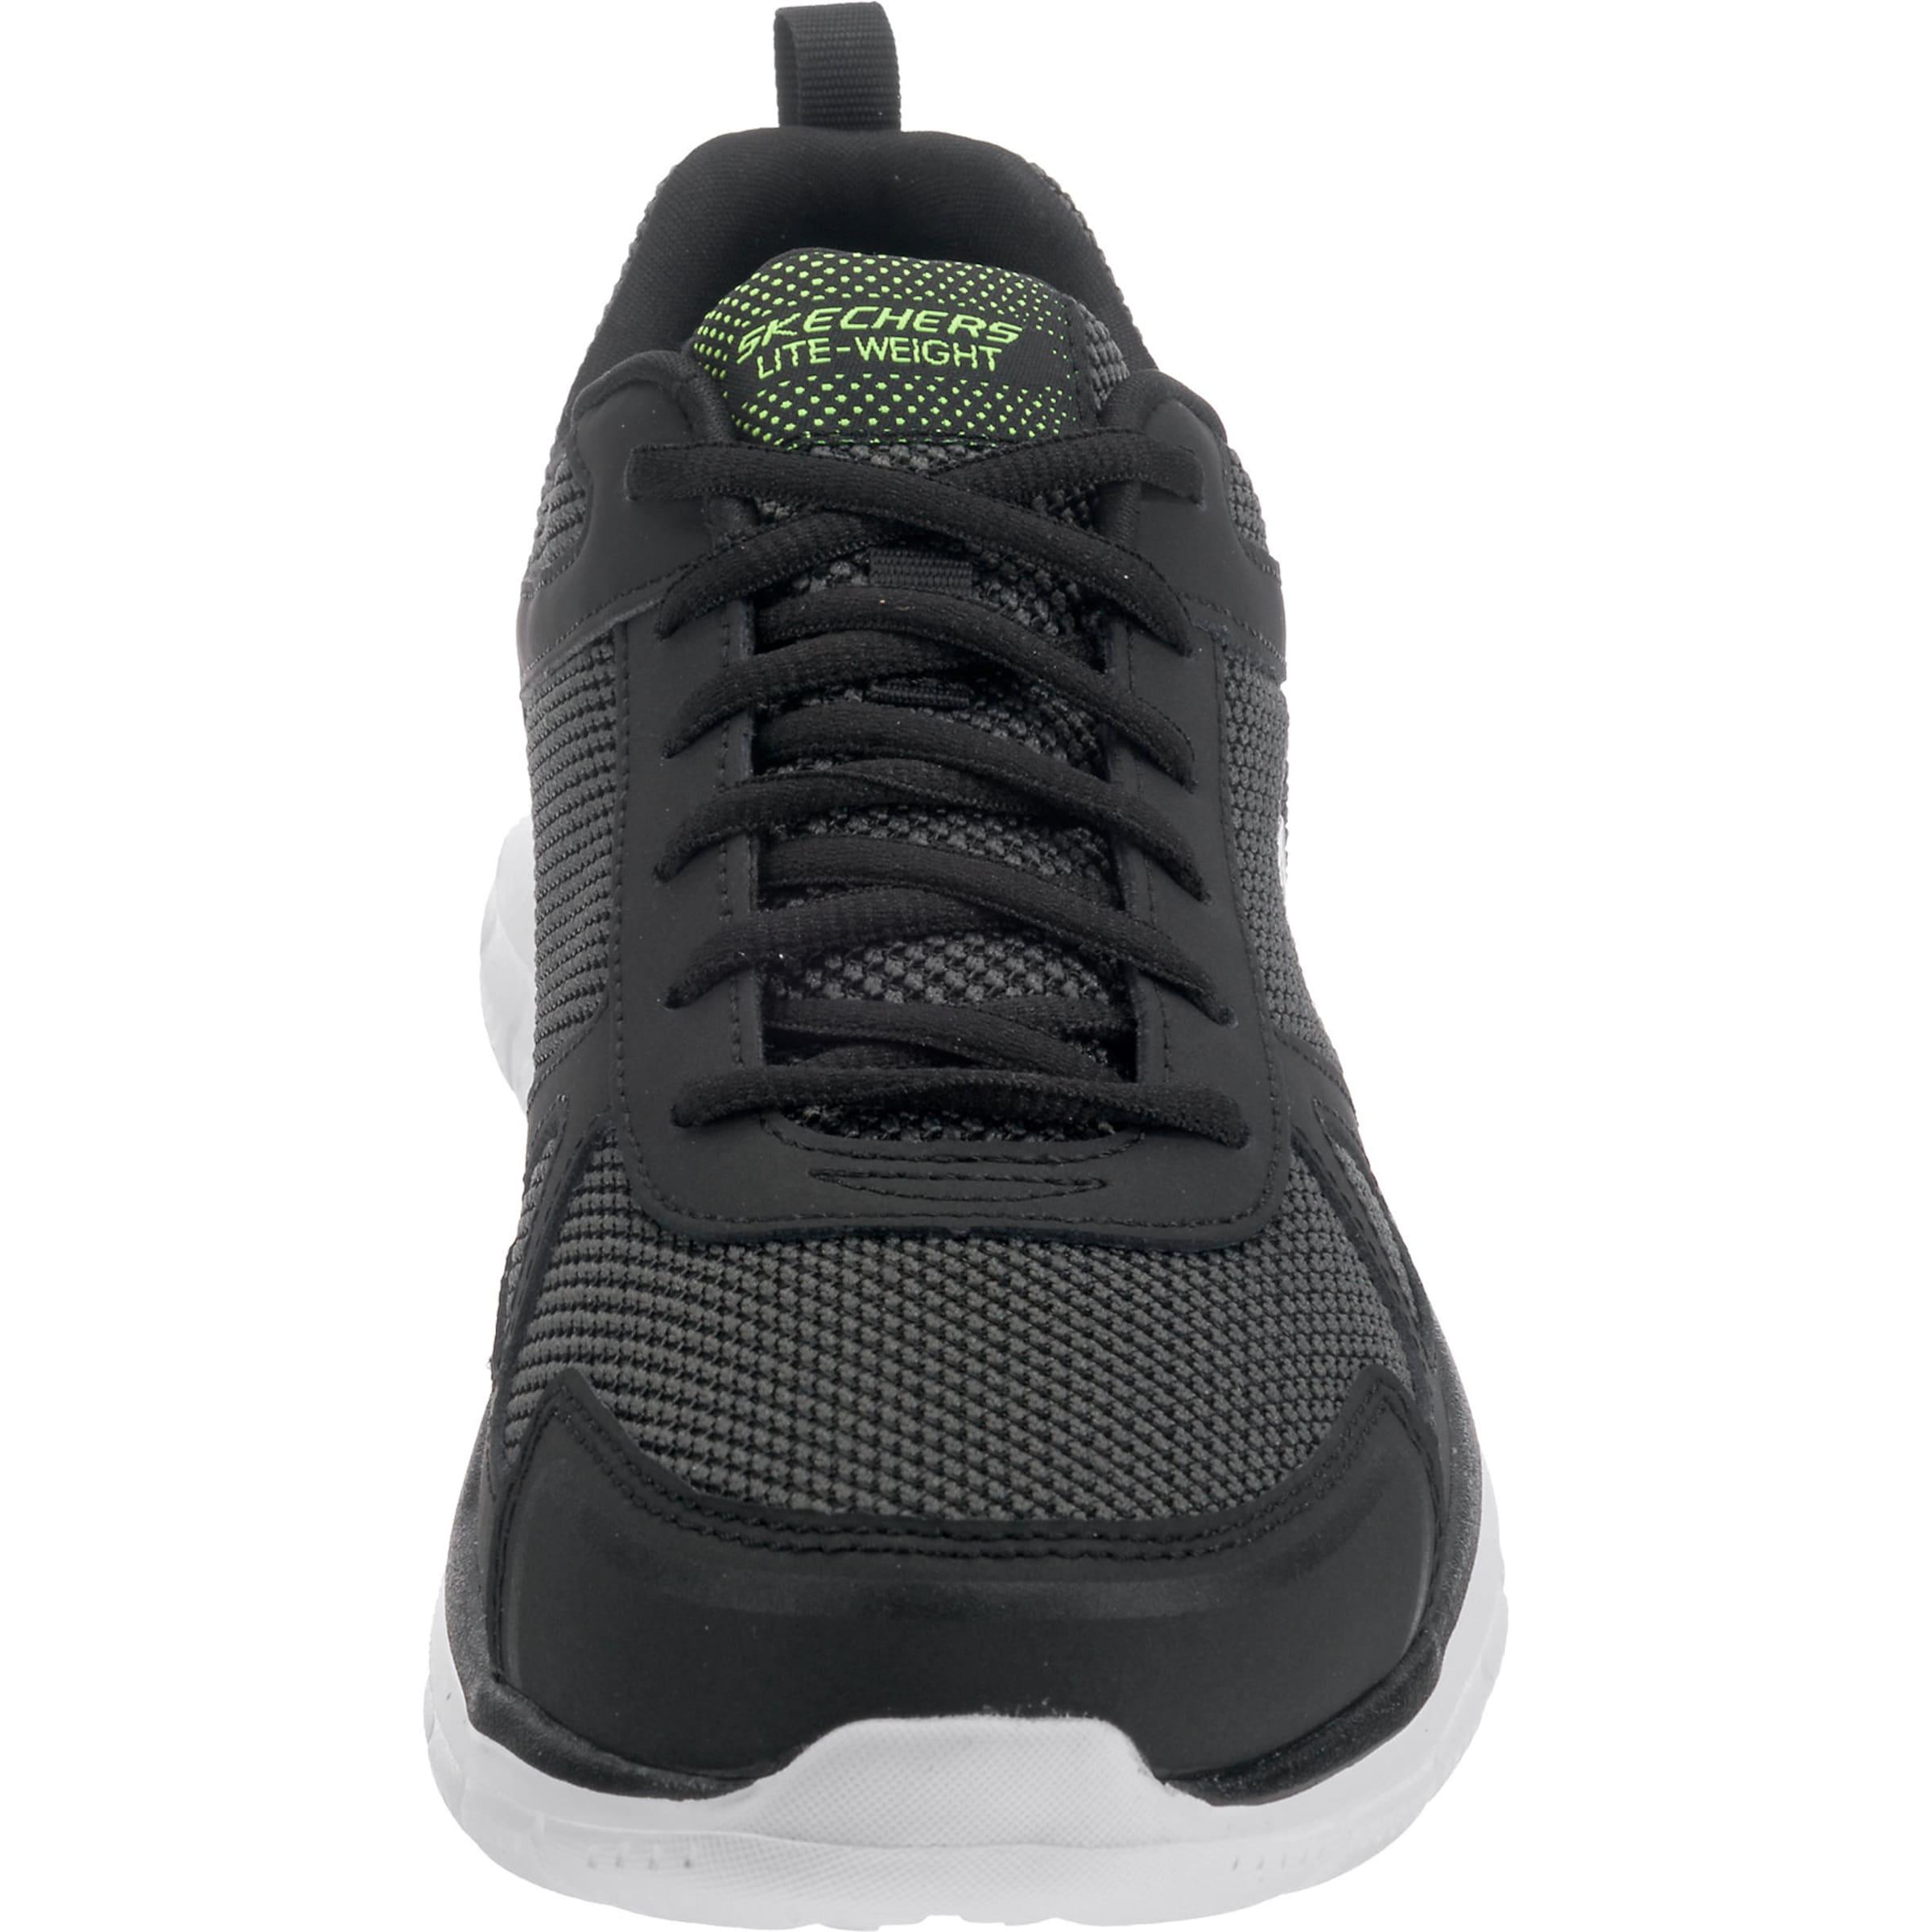 Rabatt Browse Günstig Kaufen 2018 Neue SKECHERS 'Track Bucolo' Sneakers Low Freies Verschiffen Veröffentlichungstermine Outlet Günstig Online Kaufen Billig eiMnupRt